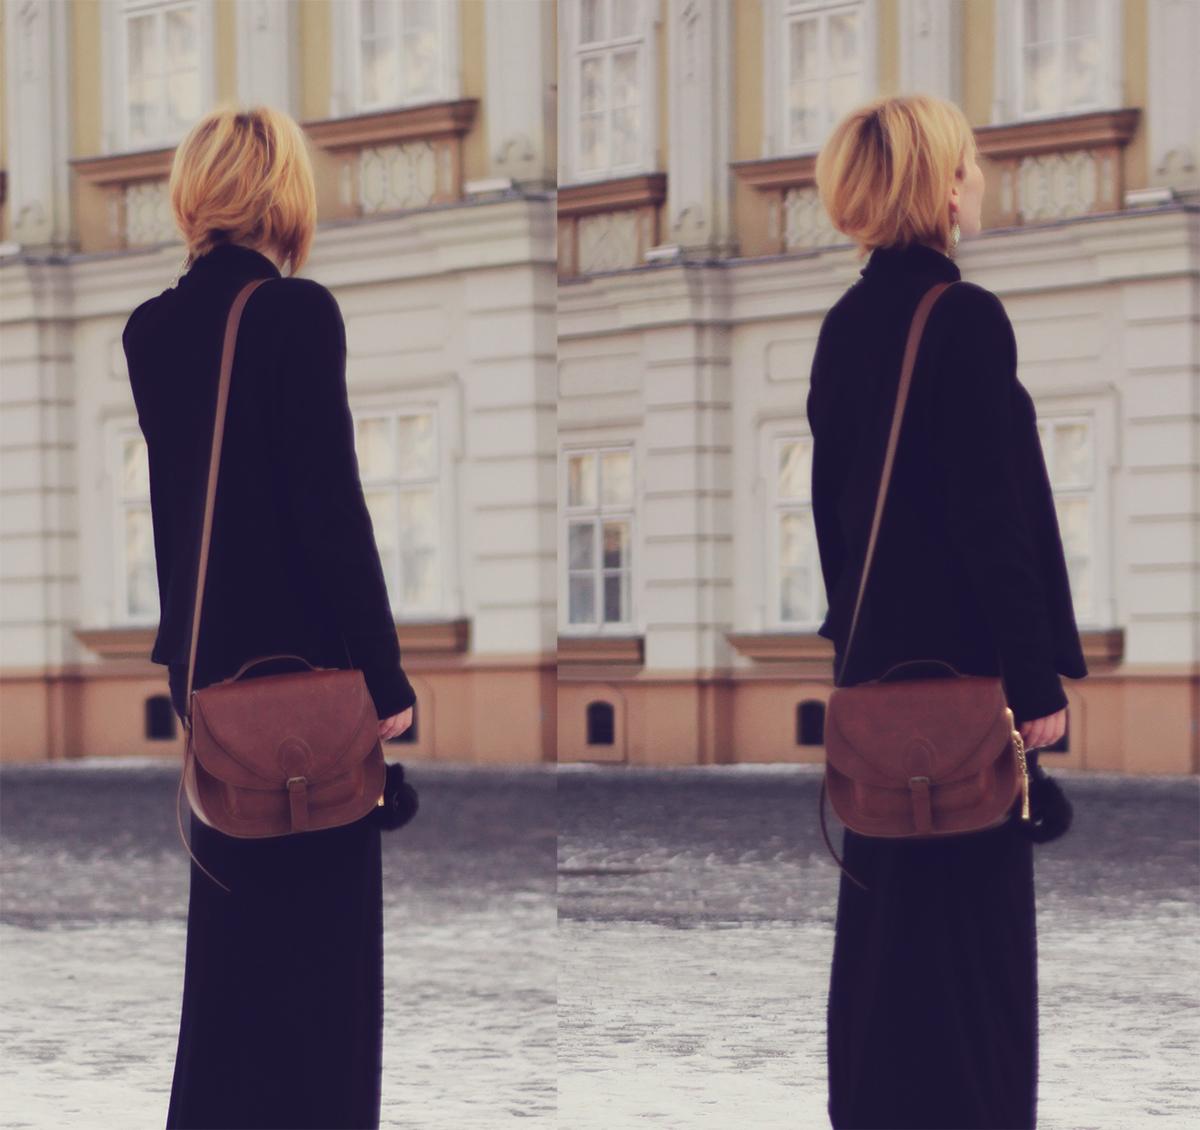 long black skirt and brown shoulder bag